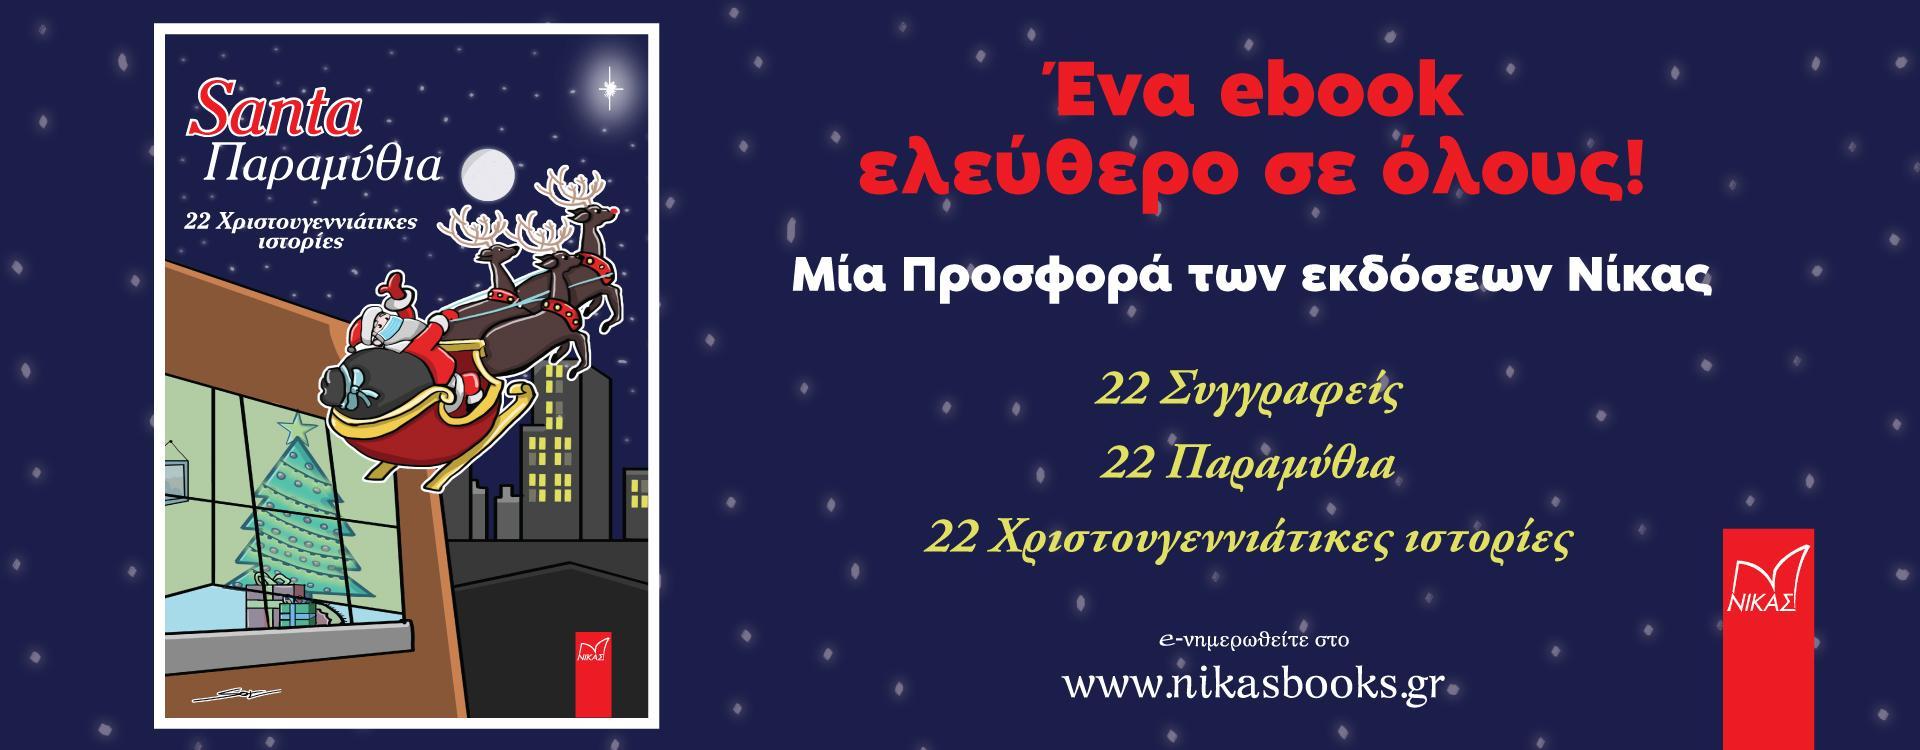 22 Χριστουγεννιάτικες ιστορίες δωρεάν!